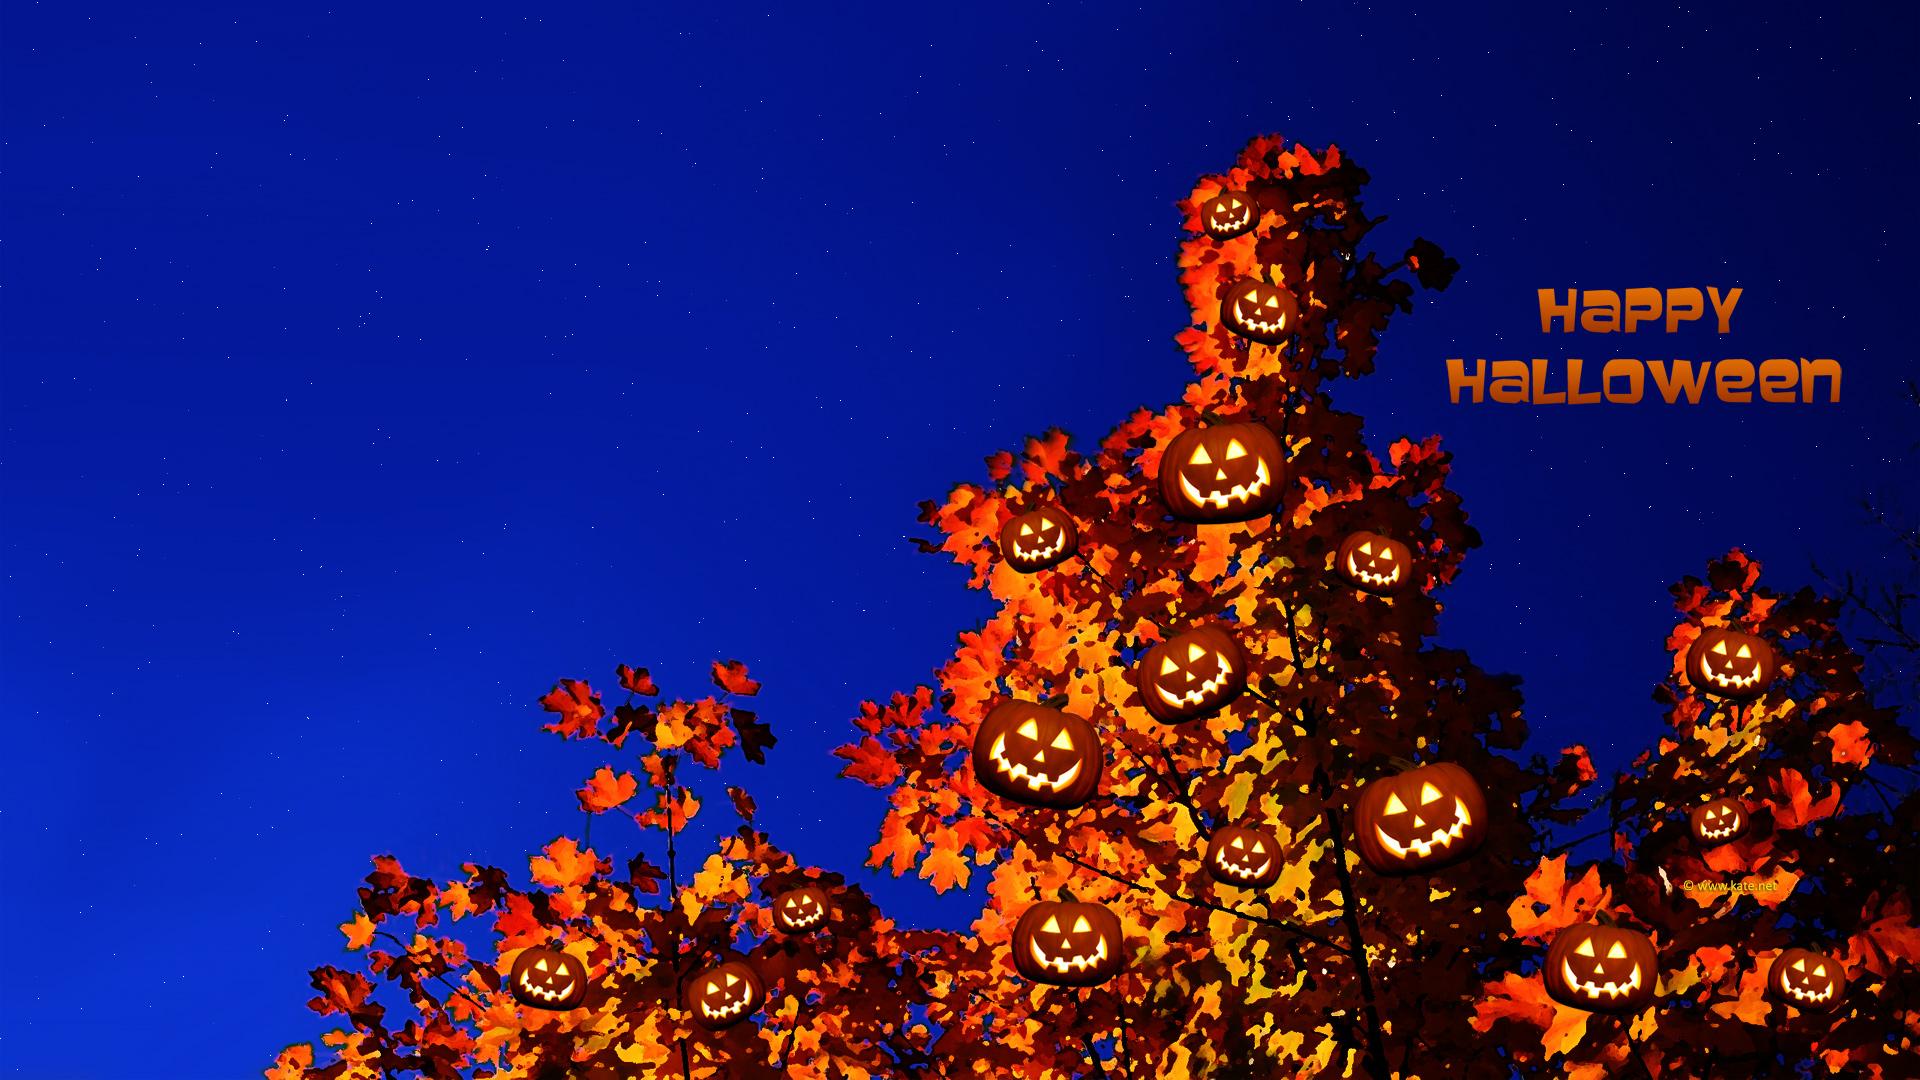 Halloween Wallpapers, Halloween Desktop Backgrounds on Kate.net ...